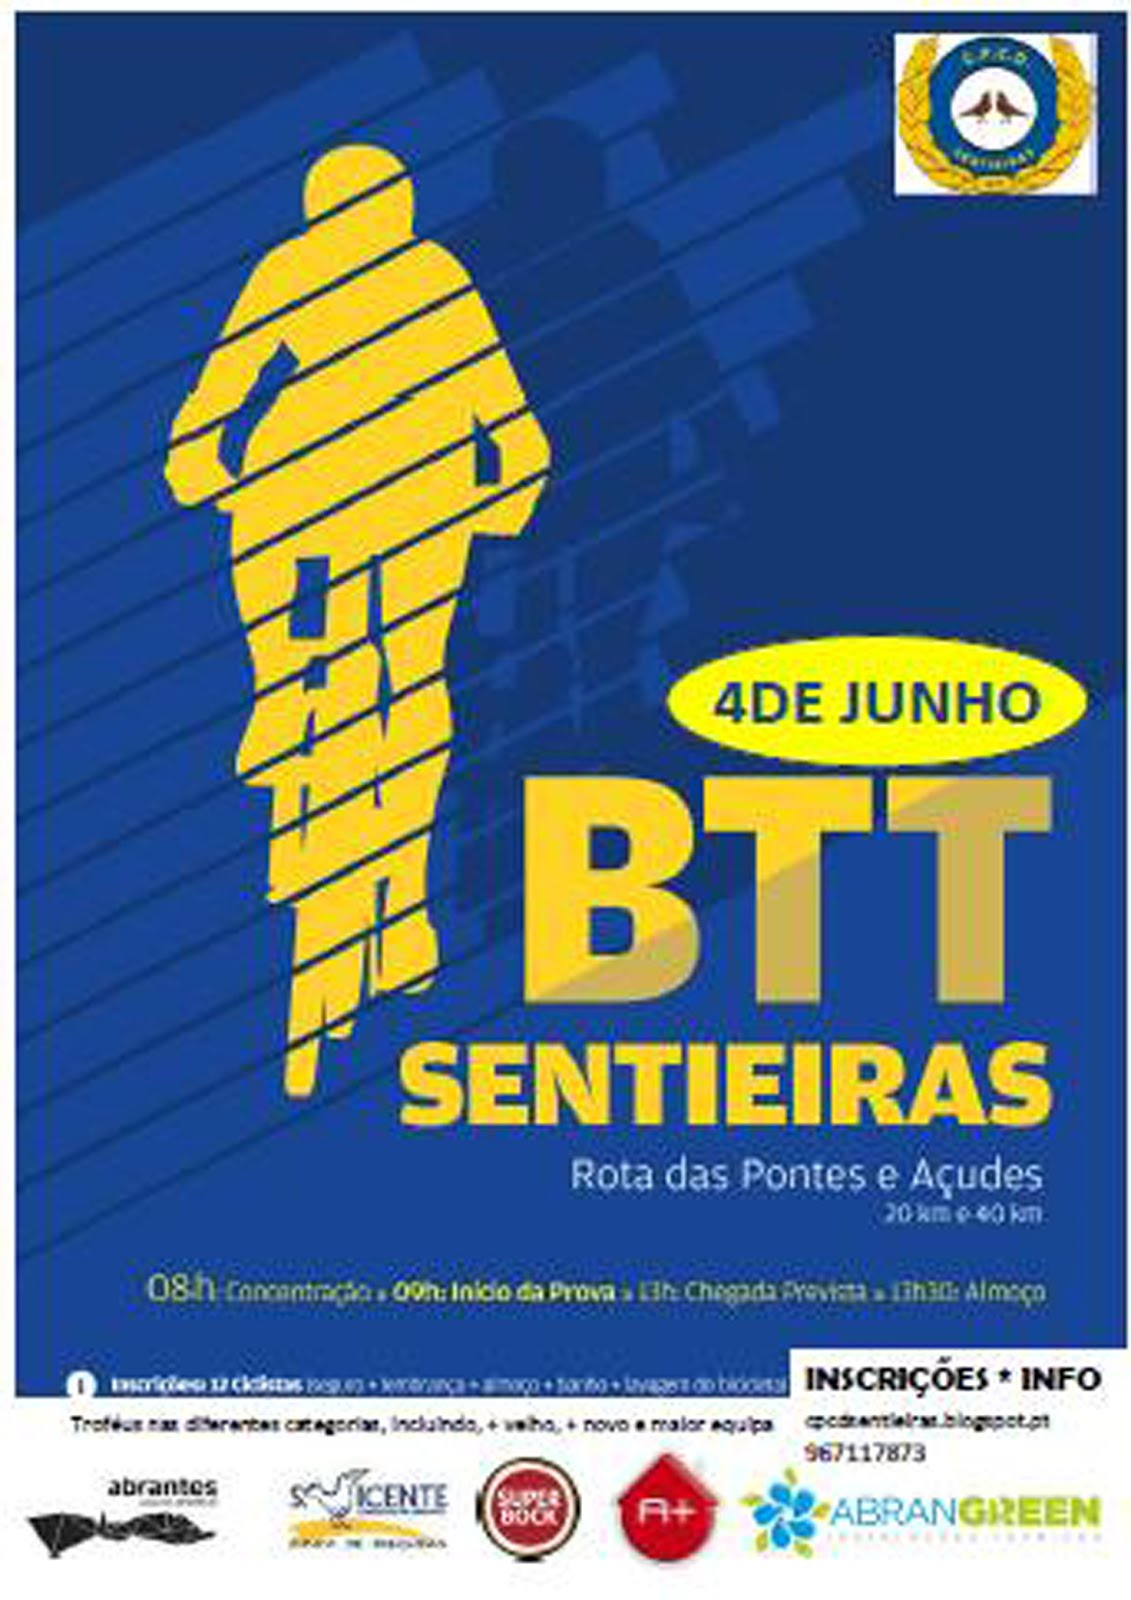 04JUN * SENTIEIRAS